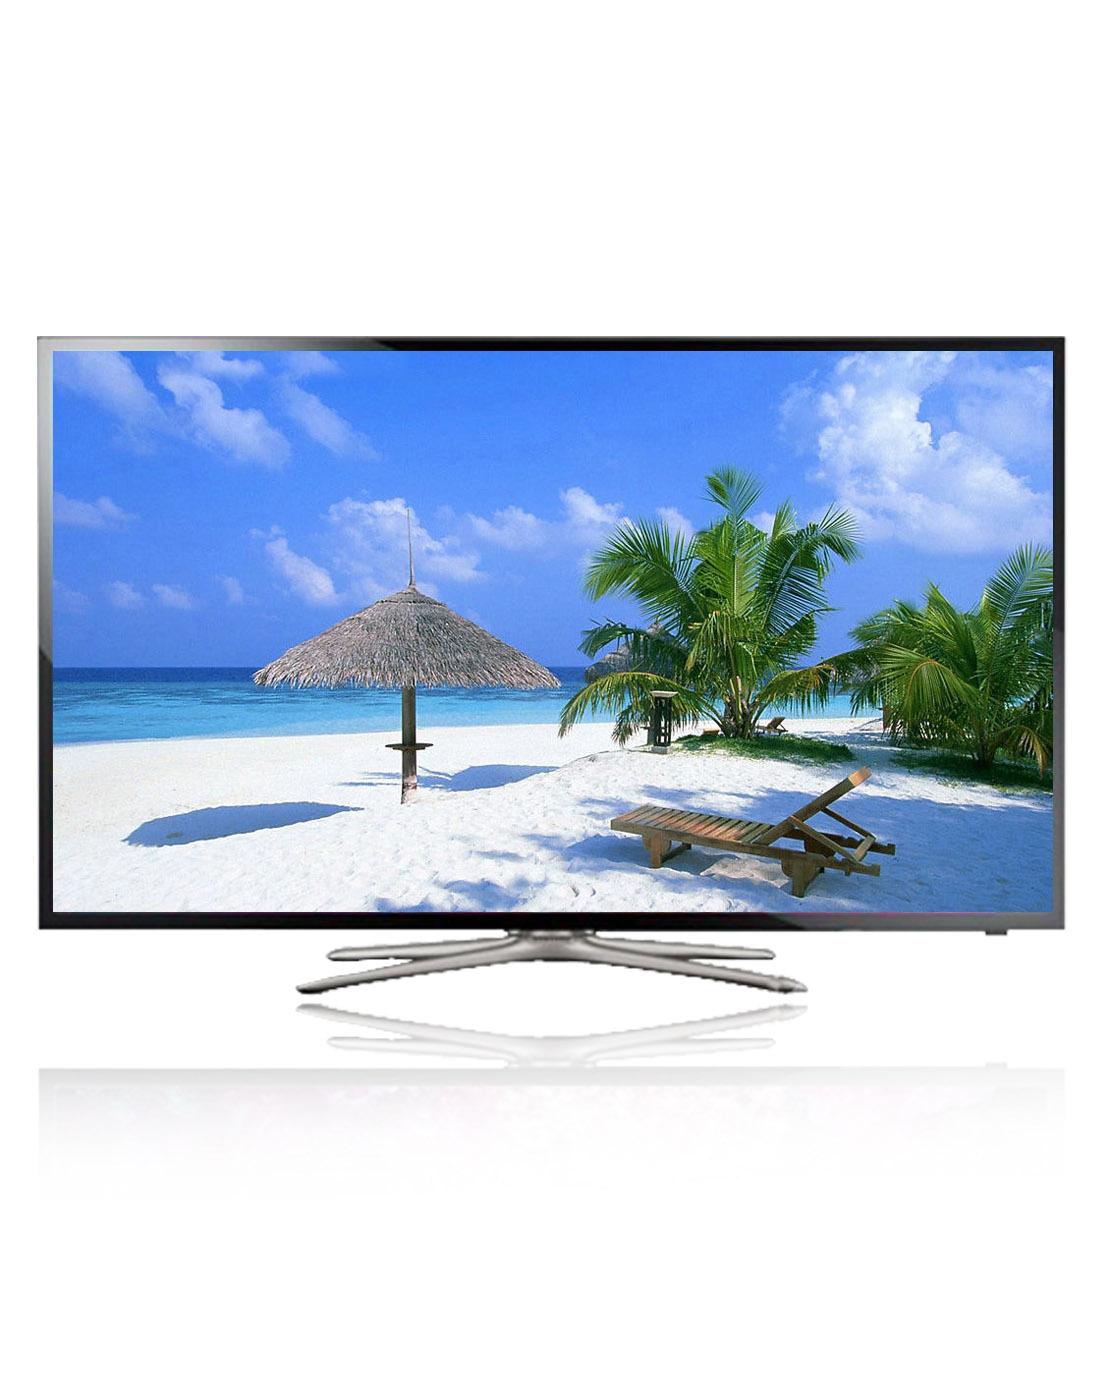 三星samsung平板电视专场40寸智能3dwifi液晶电视ua()